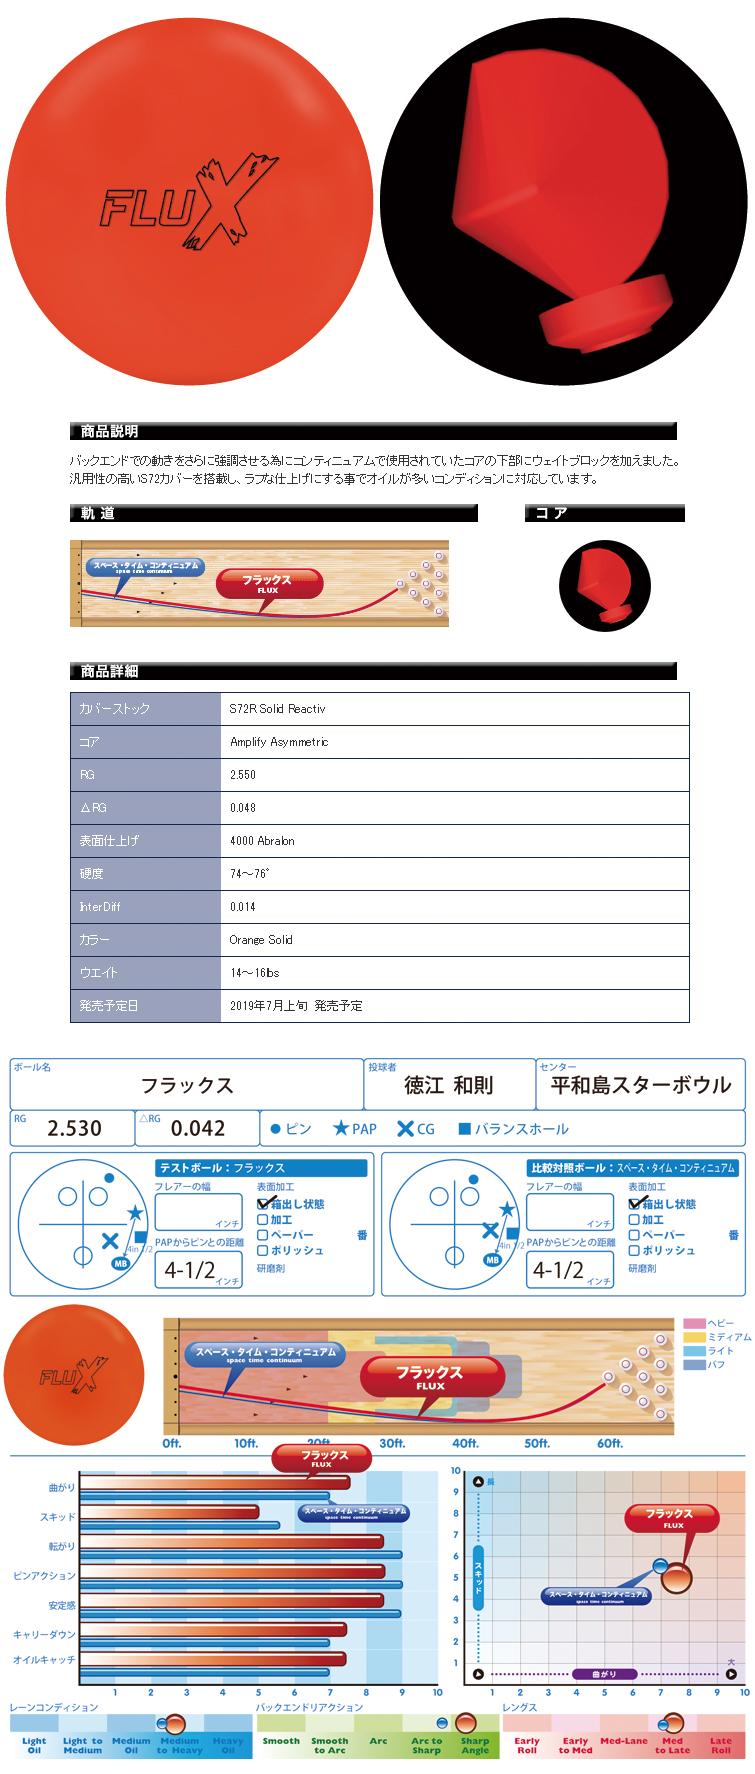 ボウリング用品 ボウリングボール 900グローバル 900GLOBAL フラックス FLUX